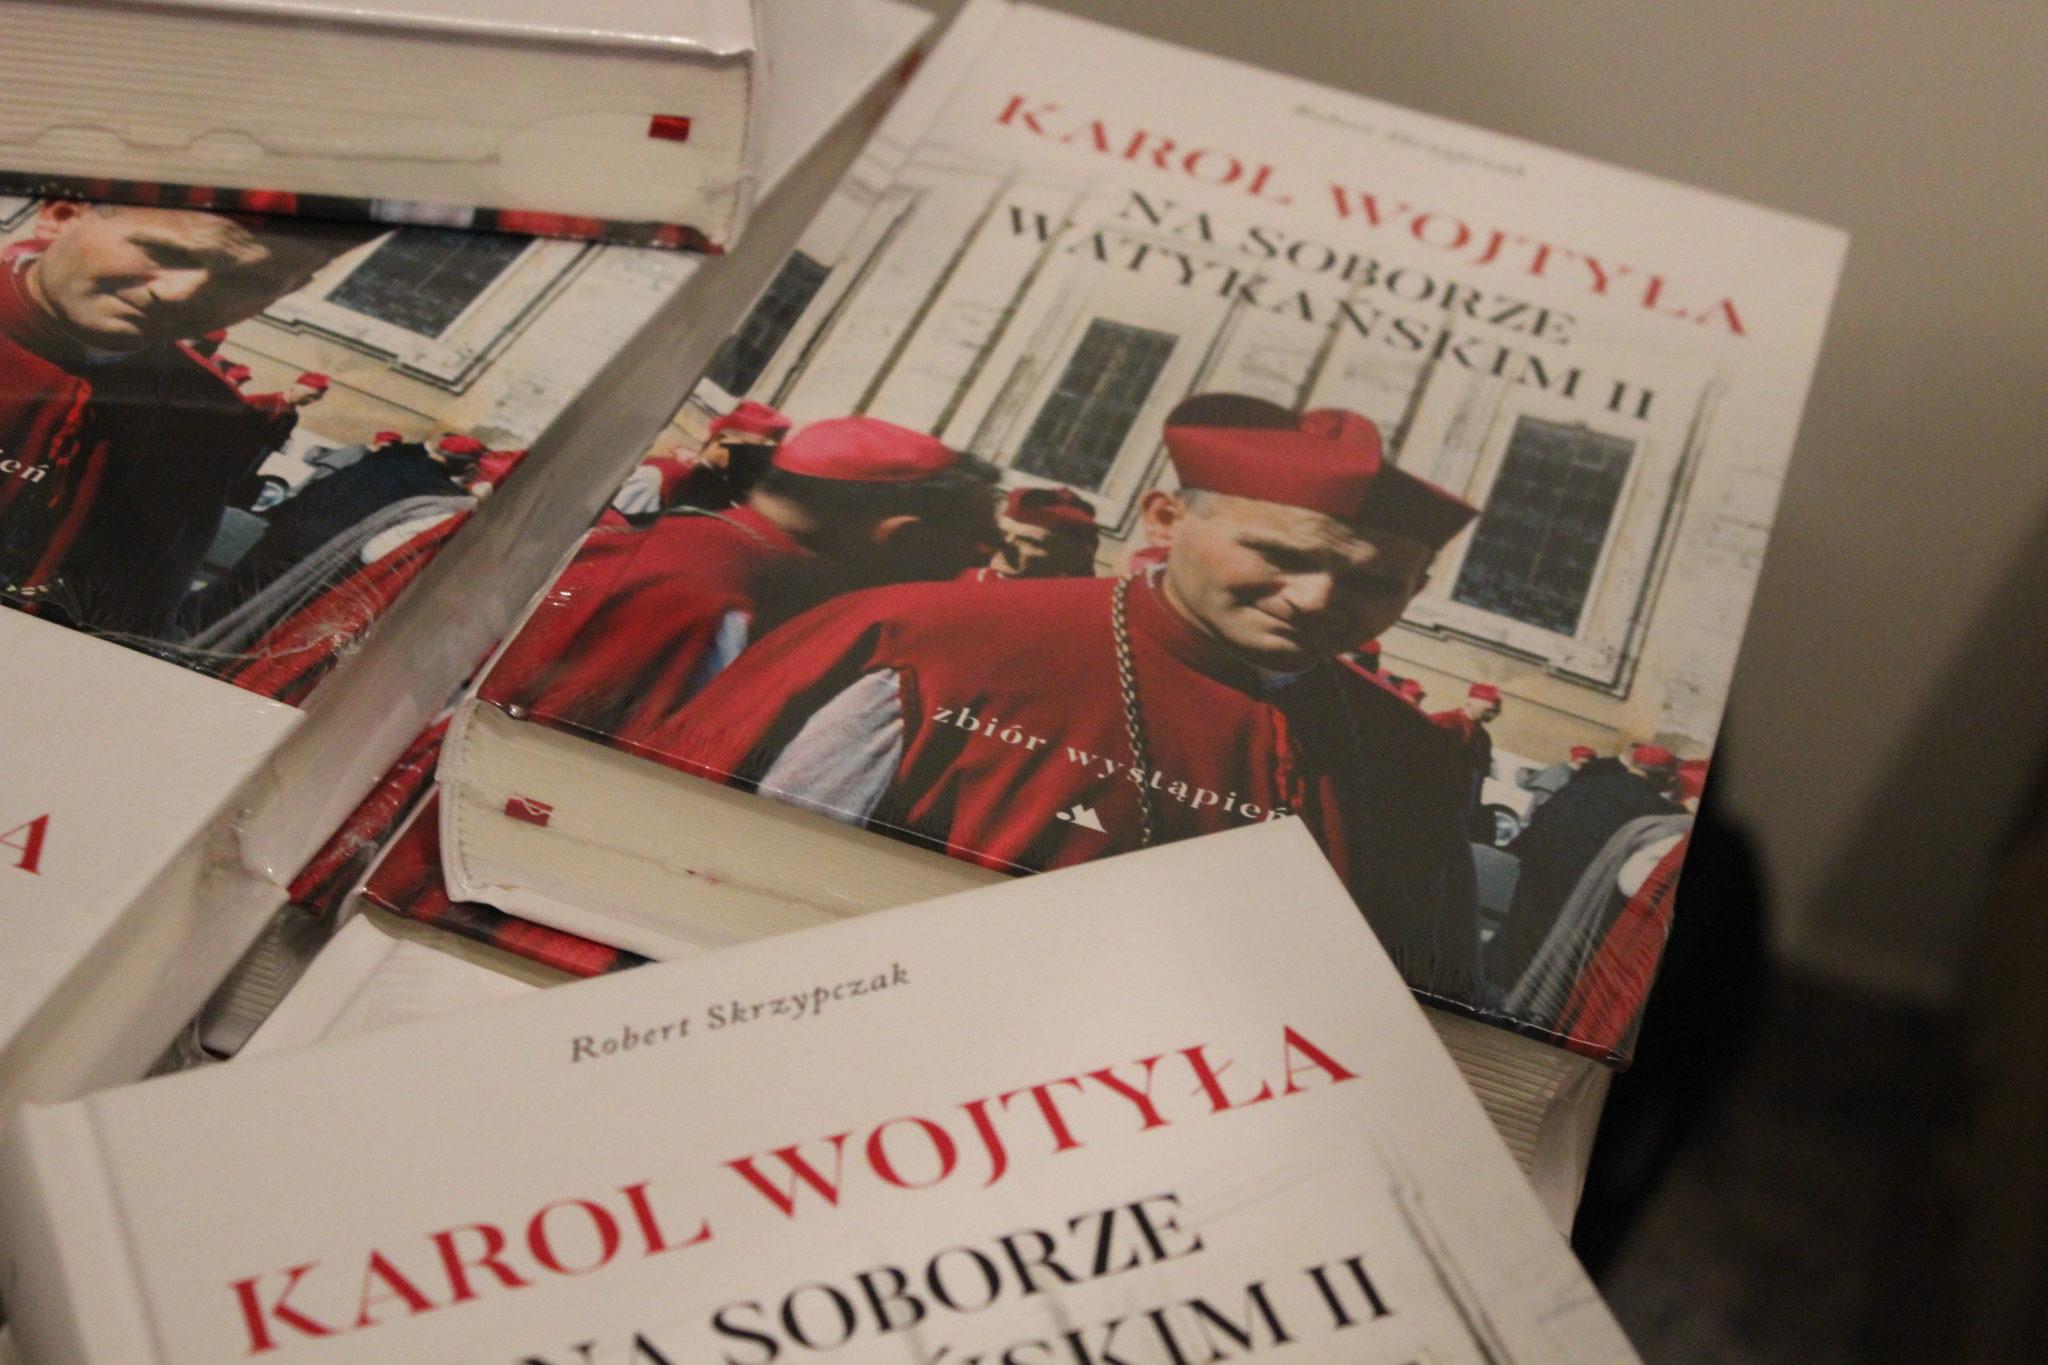 Karol Wojtyła Sobór Watykański II ks. Robert Skrzypczak